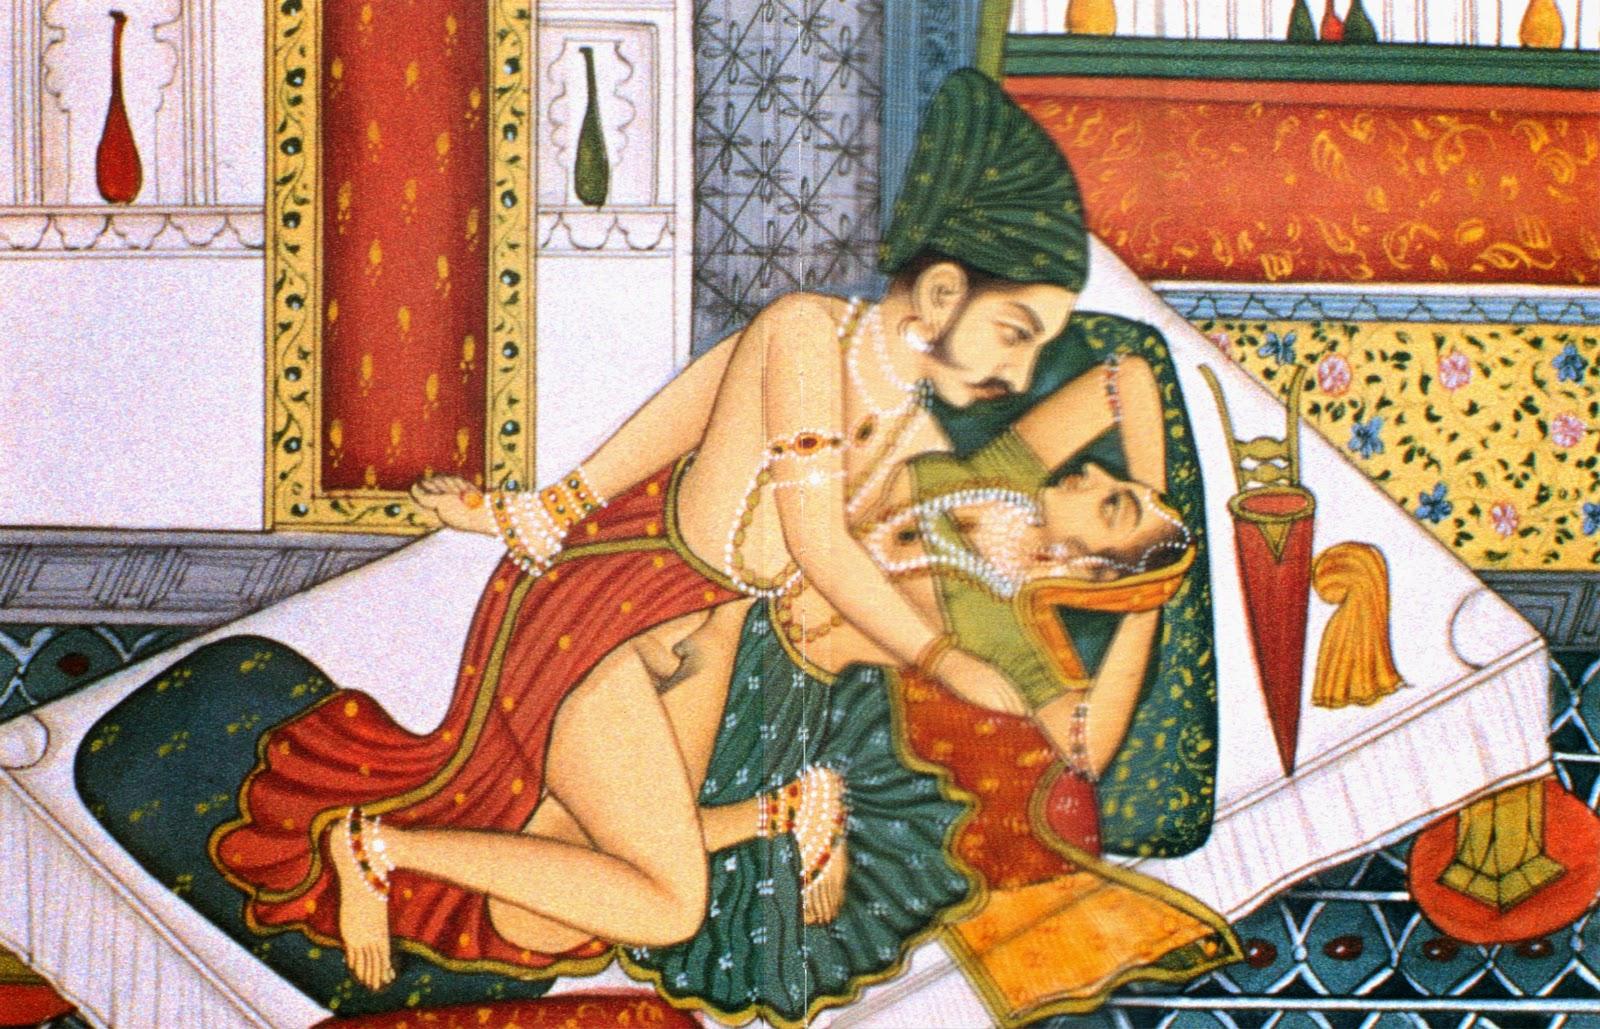 В древней индии женщины обожали кунилингус